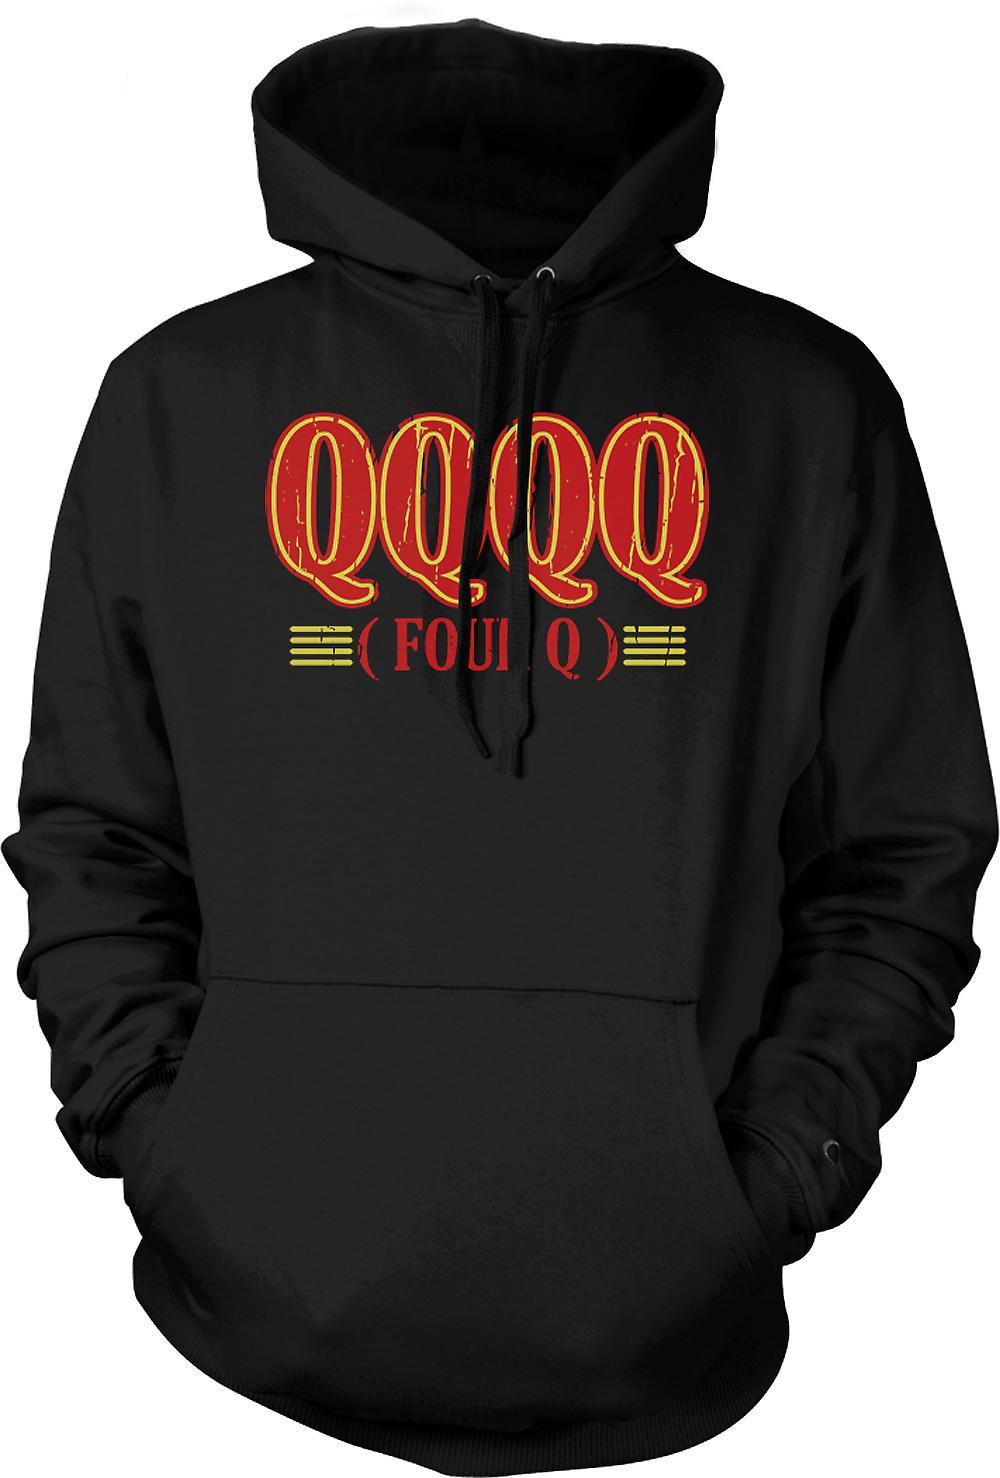 Mens hettegenser - QQQQ fire Q - morsomme råolje